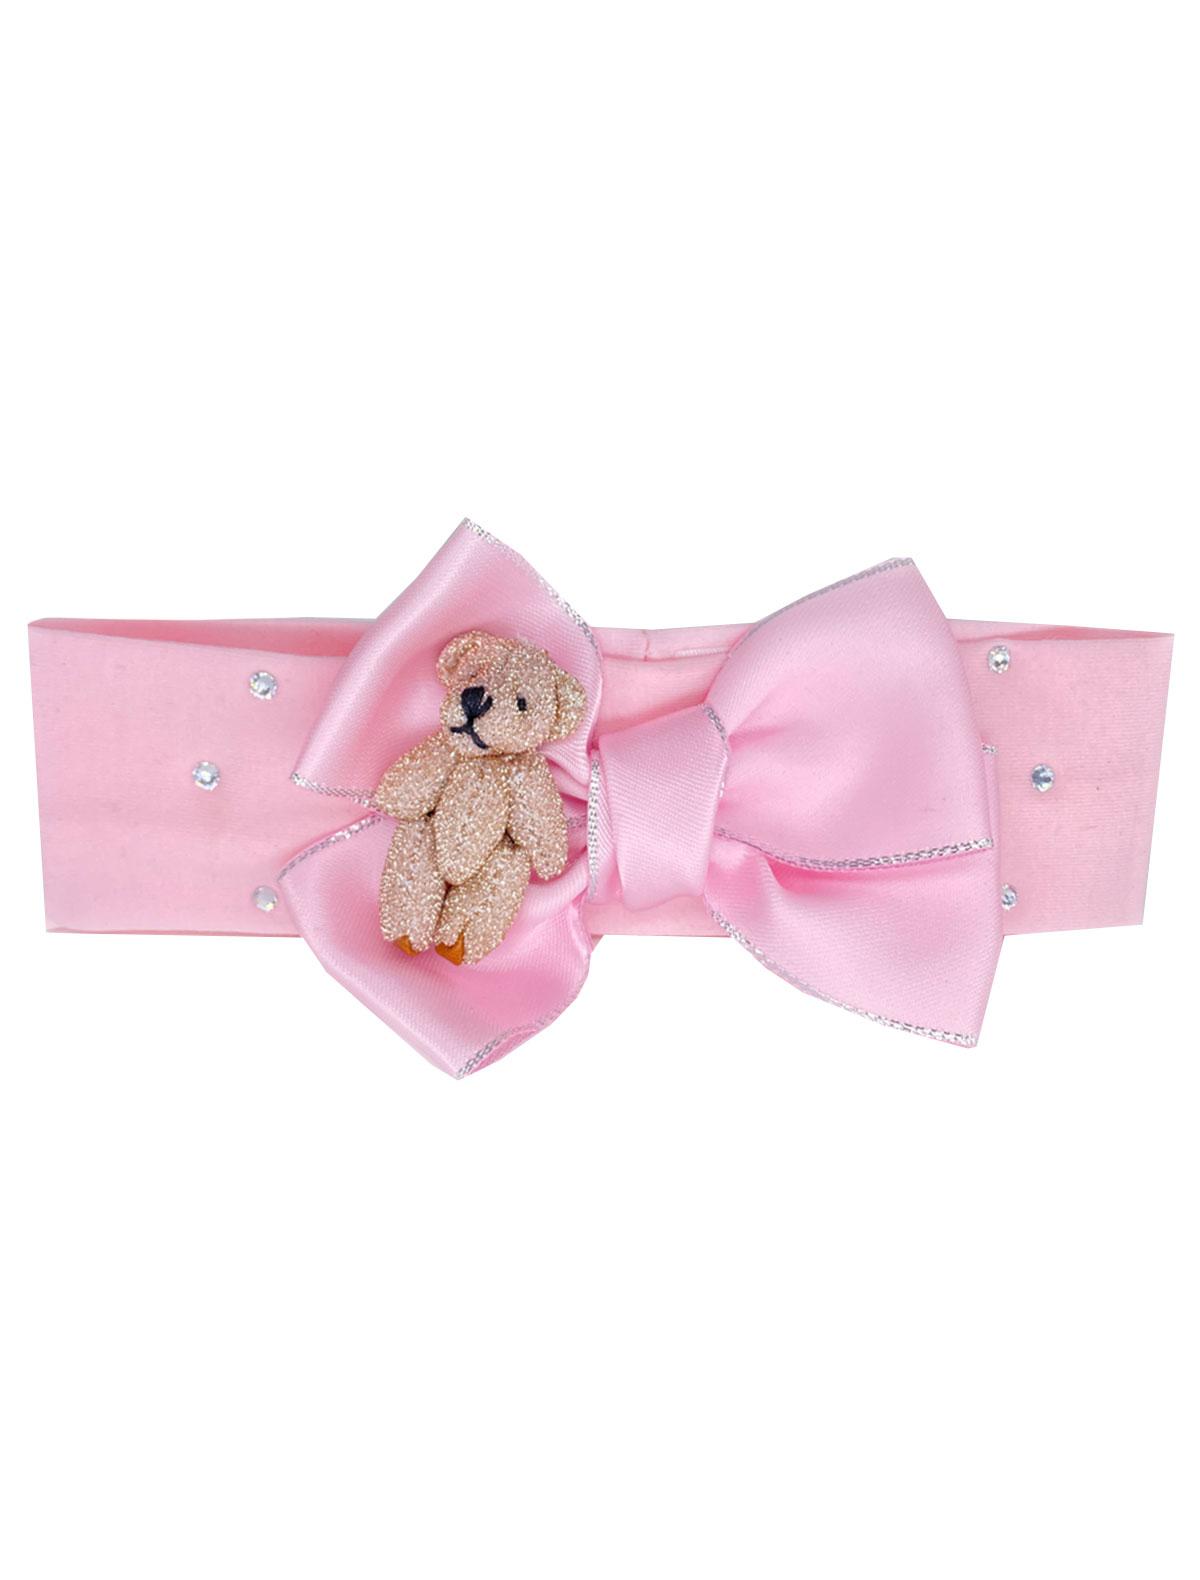 Купить 2257361, Повязка Junefee, розовый, Женский, 1424500080321